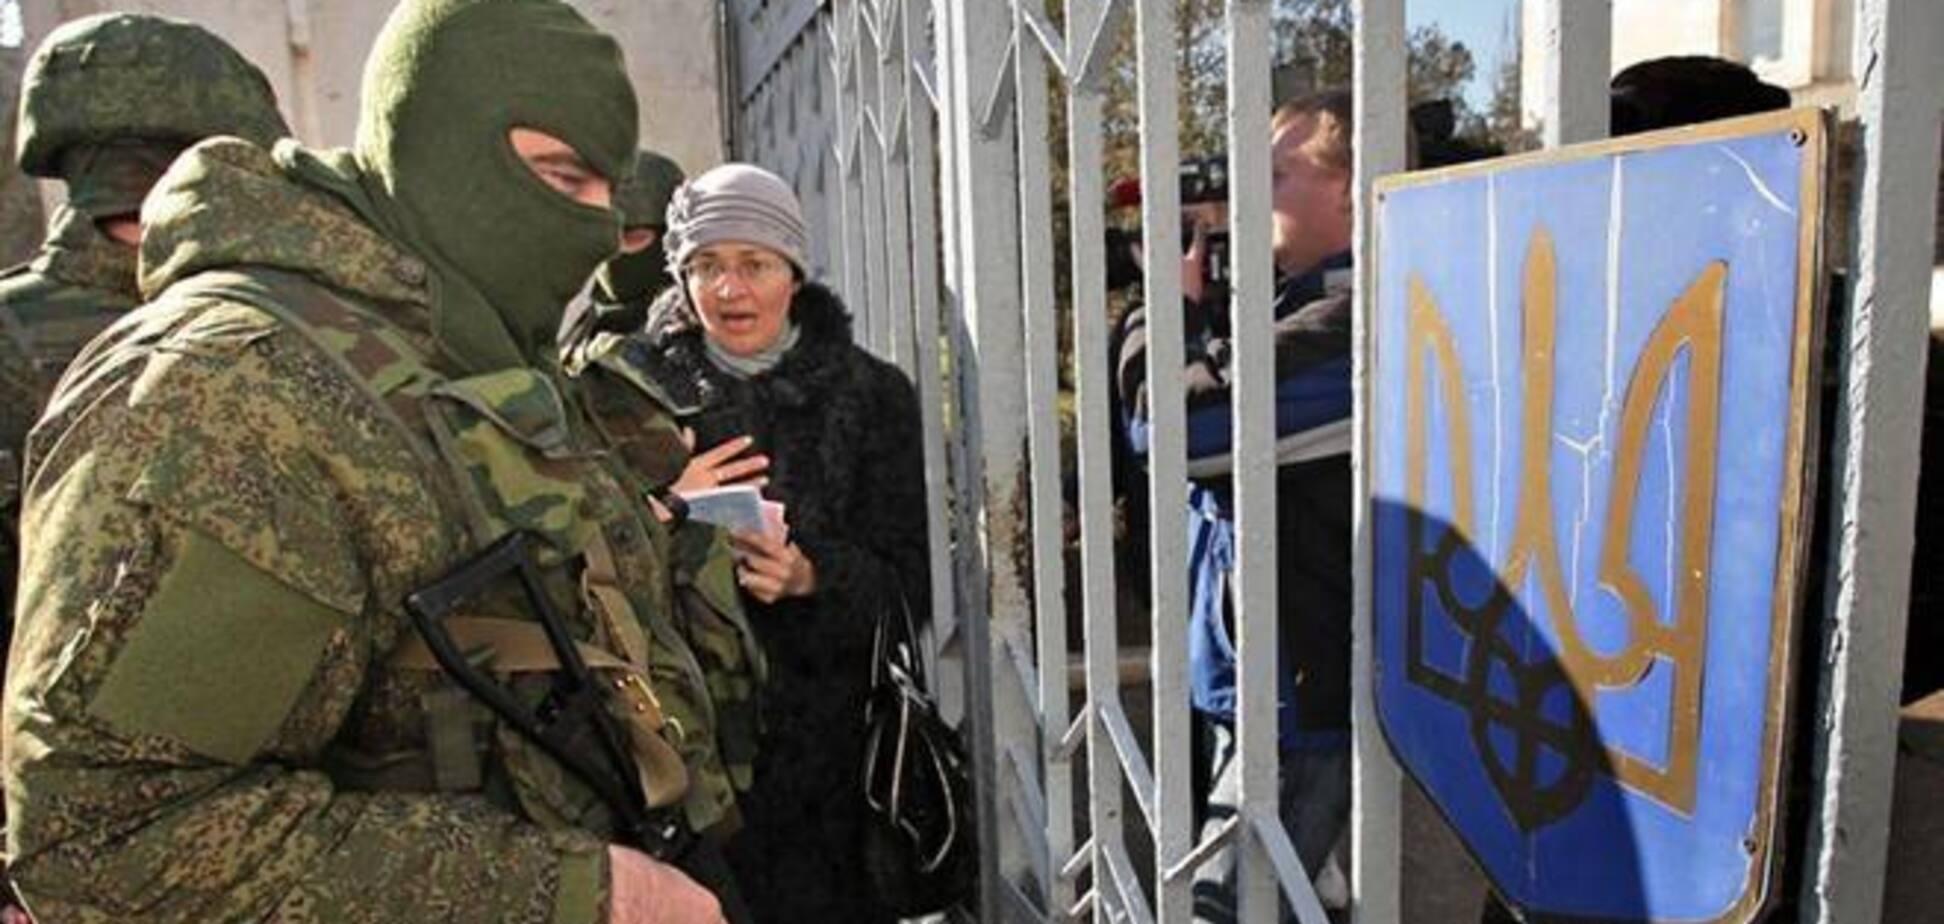 Неизвестные пытались захватить здание пенитенциарной службы Крыма